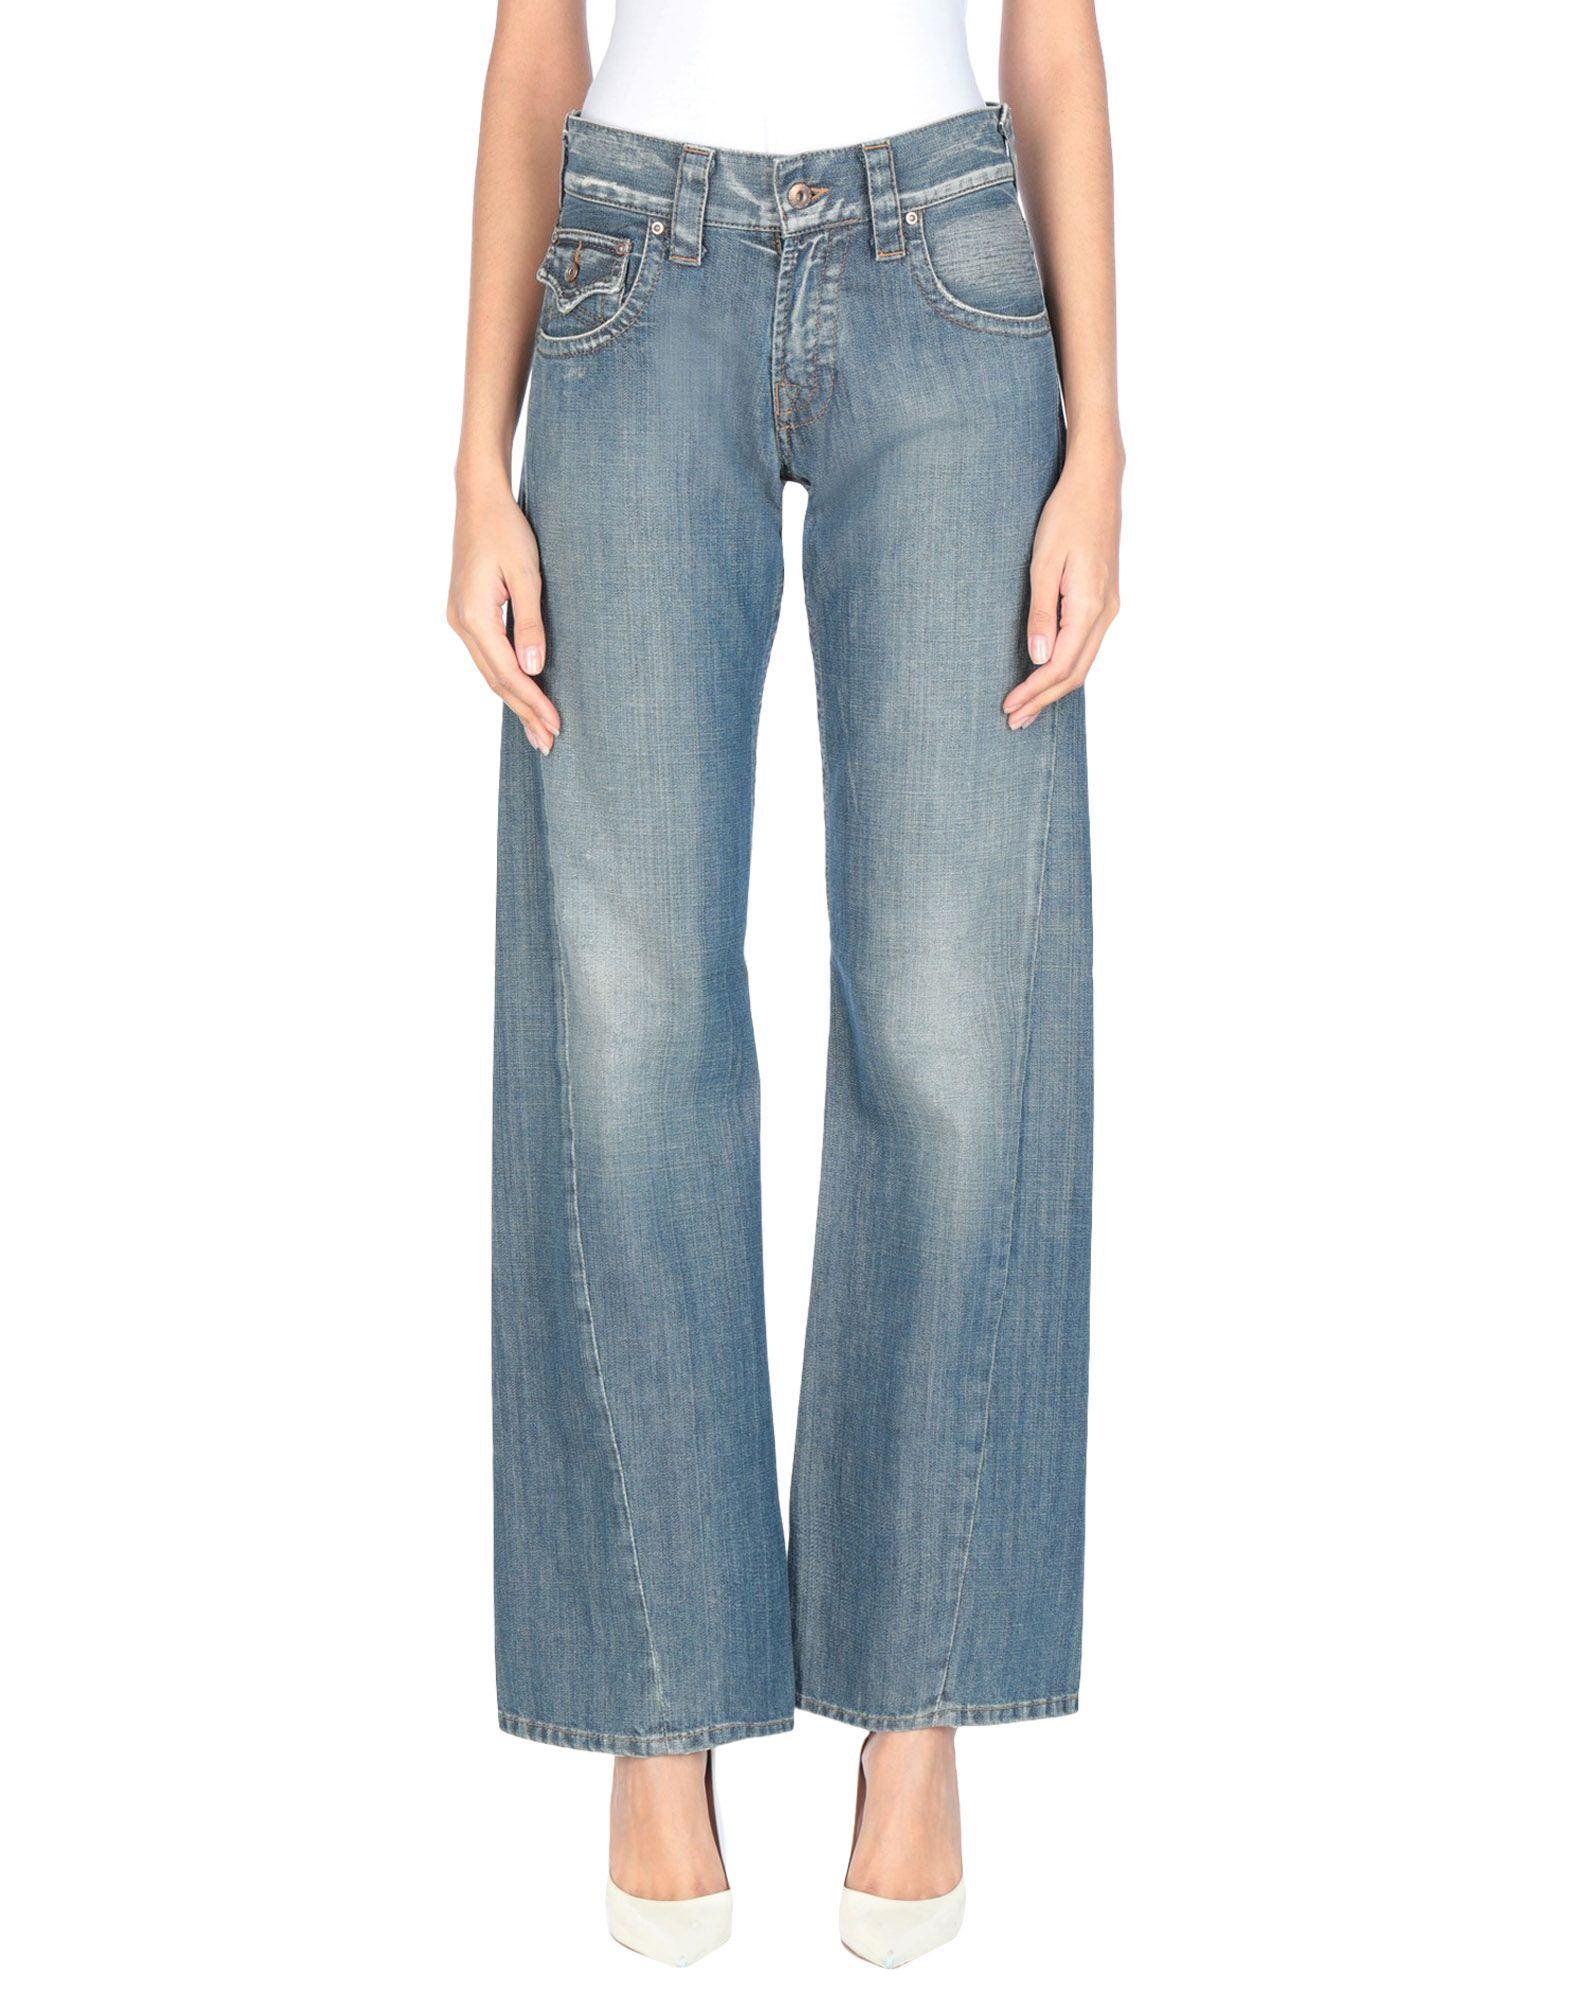 Pantaloni Jeans Armani Jeans damen - 42720880EG